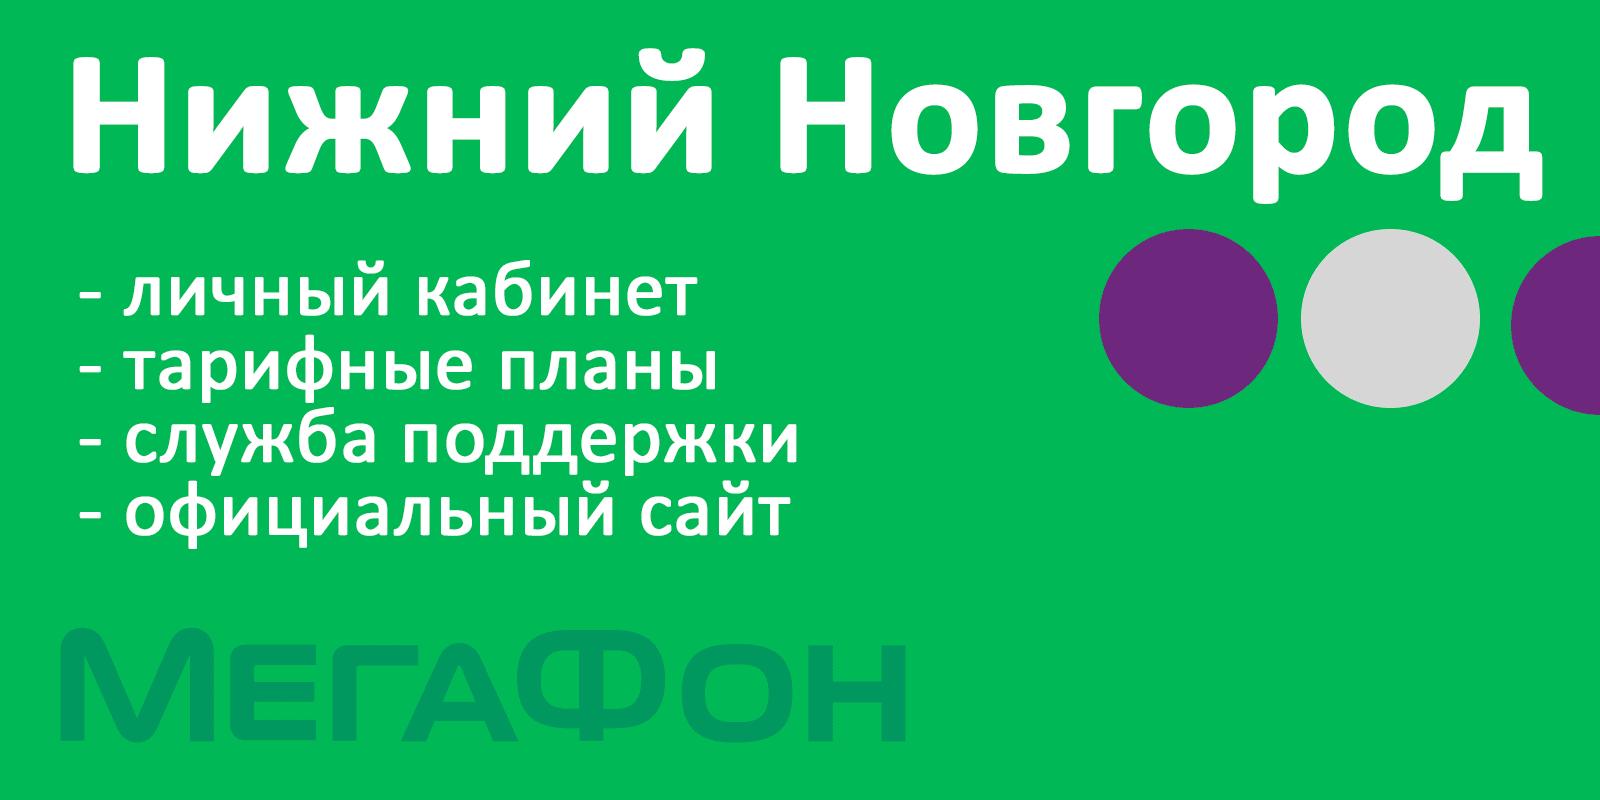 Мегафон Нижний Новгород - личный кабинет, сайт, тарифы